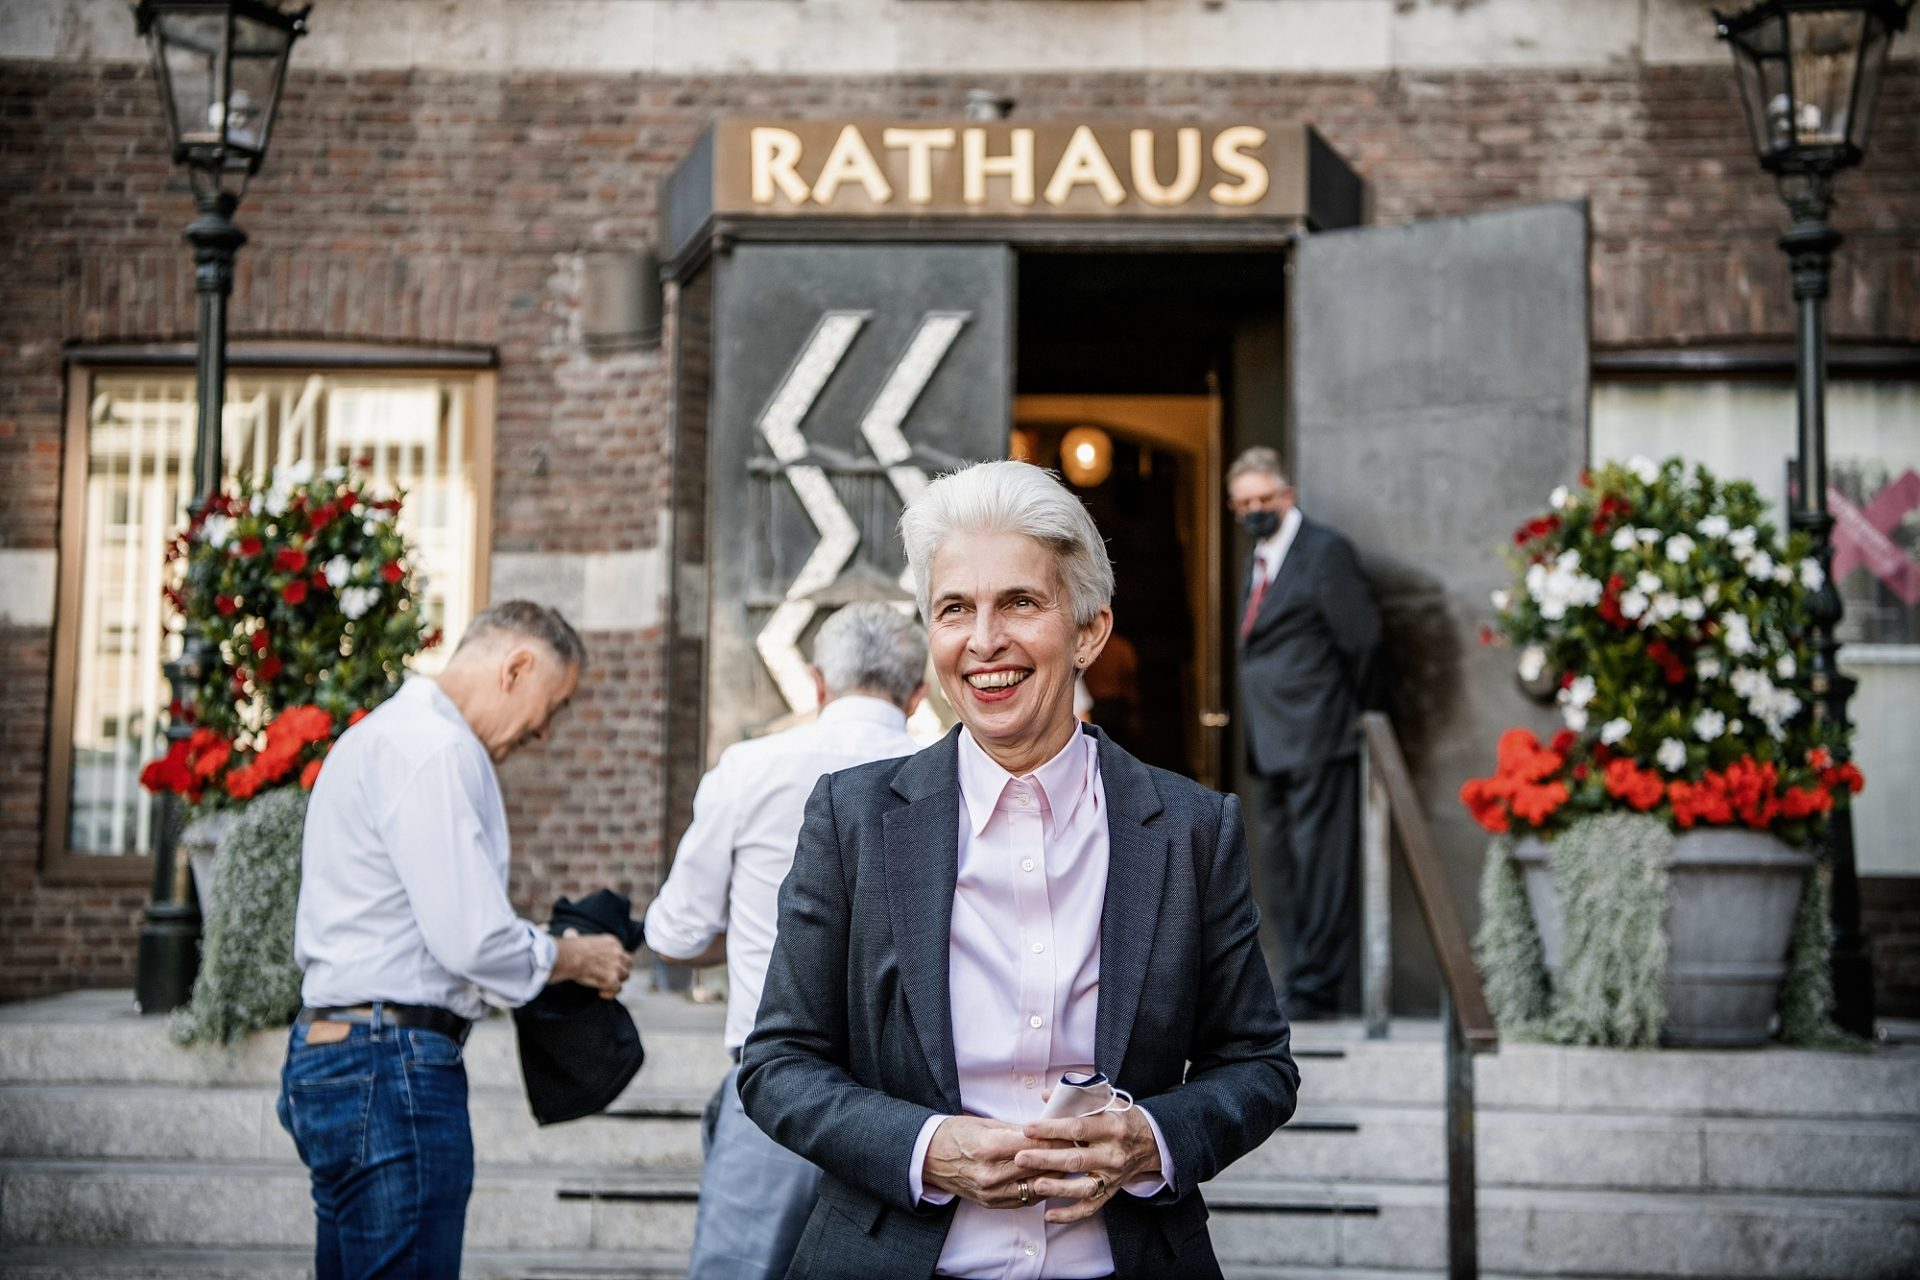 Seit 2017 sitzt Marie-Agnes Strack-Zimmermann im Bundestag. Ihr Mandat im Stadtrat hat sie behalten, deshalb ist sie weiter regelmäßig im Düsseldorfer Rathaus. Foto: Andreas Endermann